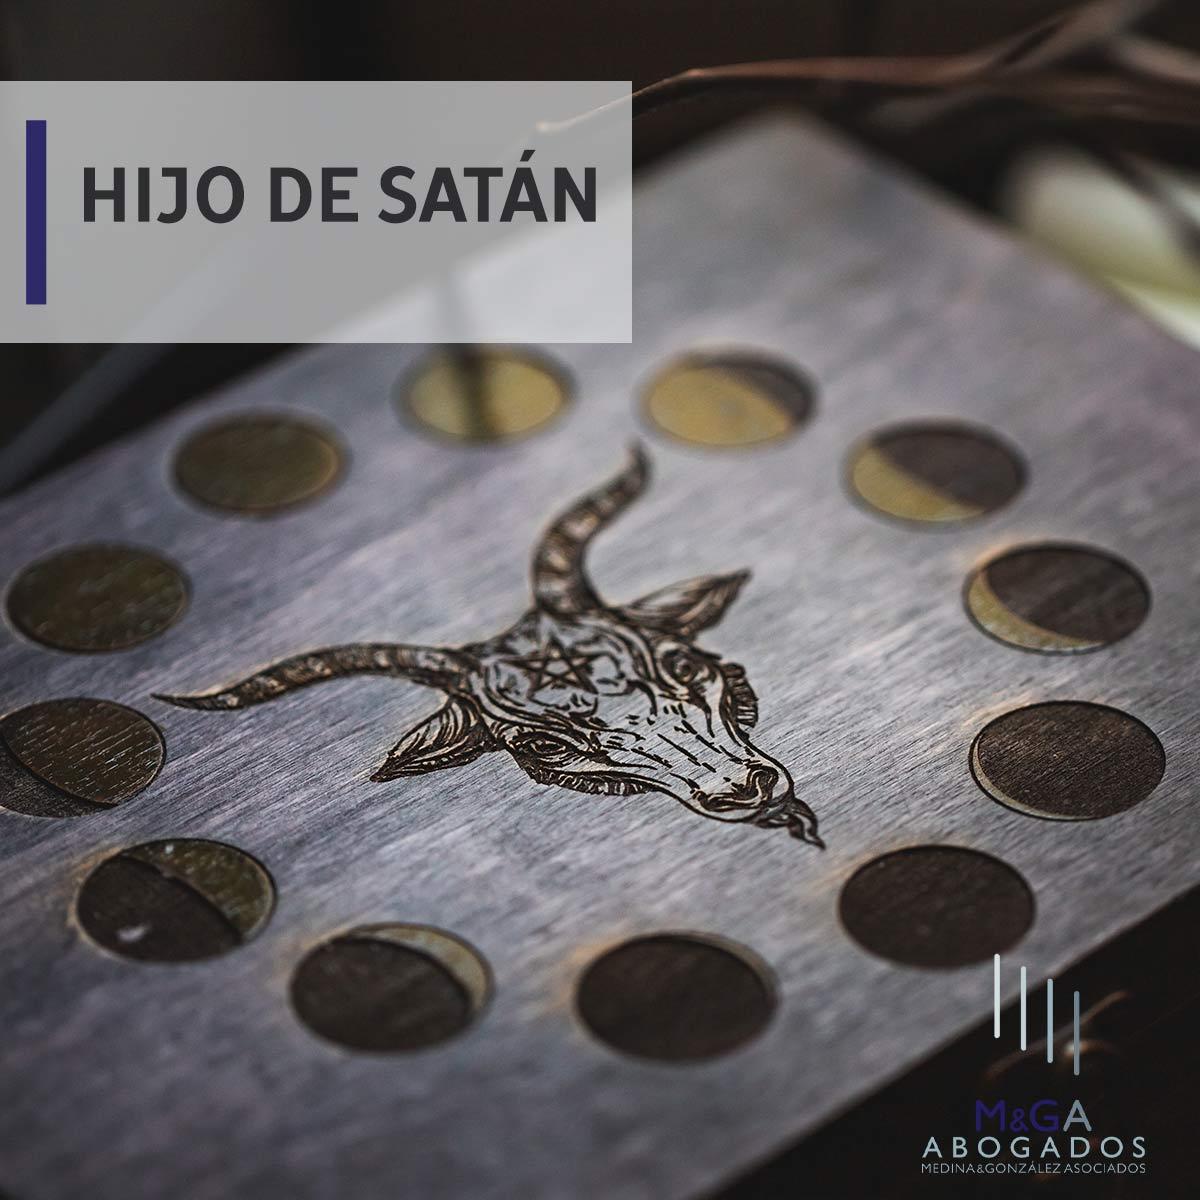 Condenan por estafa al gaditano Hijo de Satán